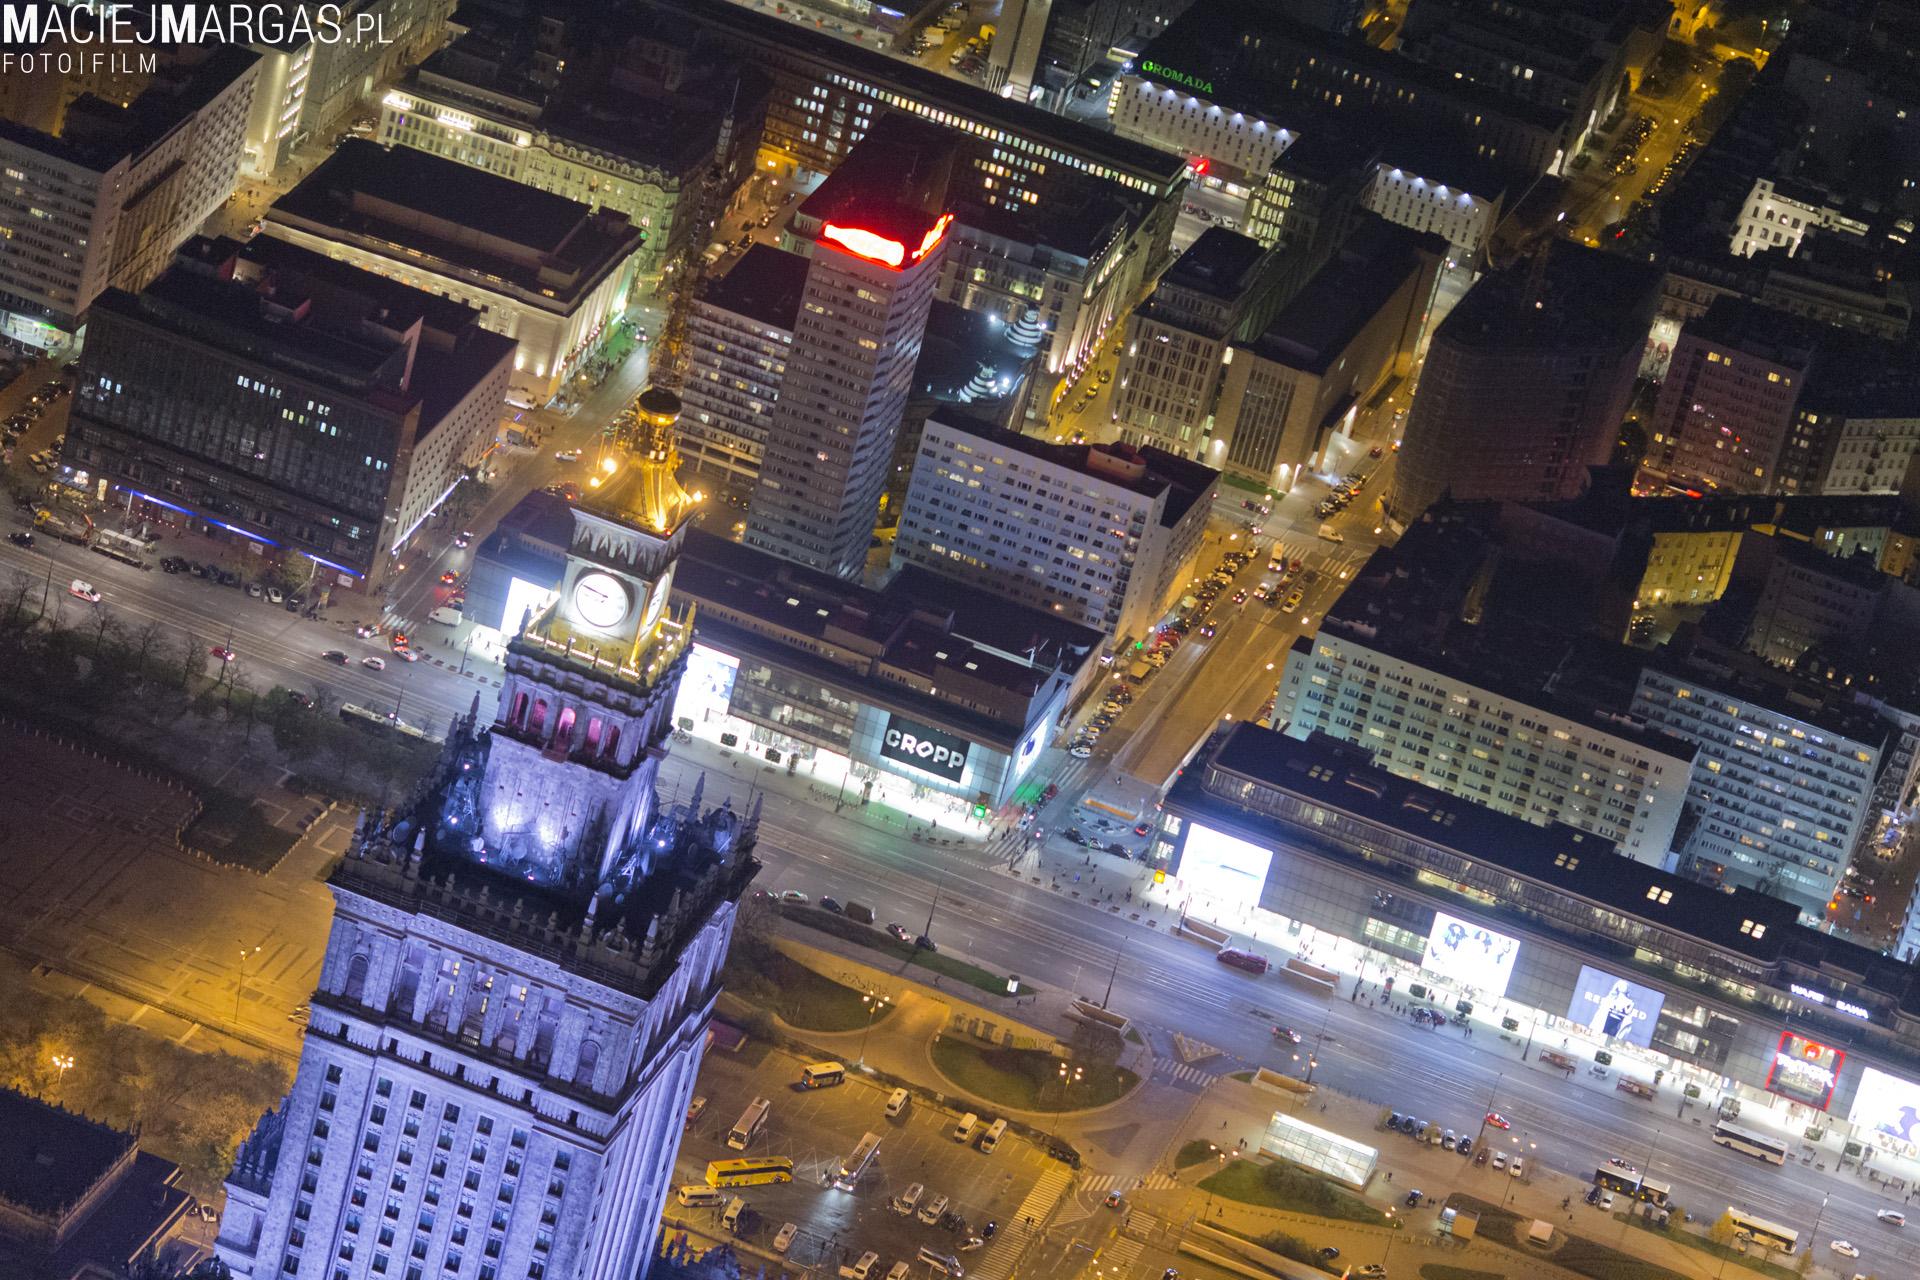 margas00024 Warszawa z lotu ptaka - część 2.